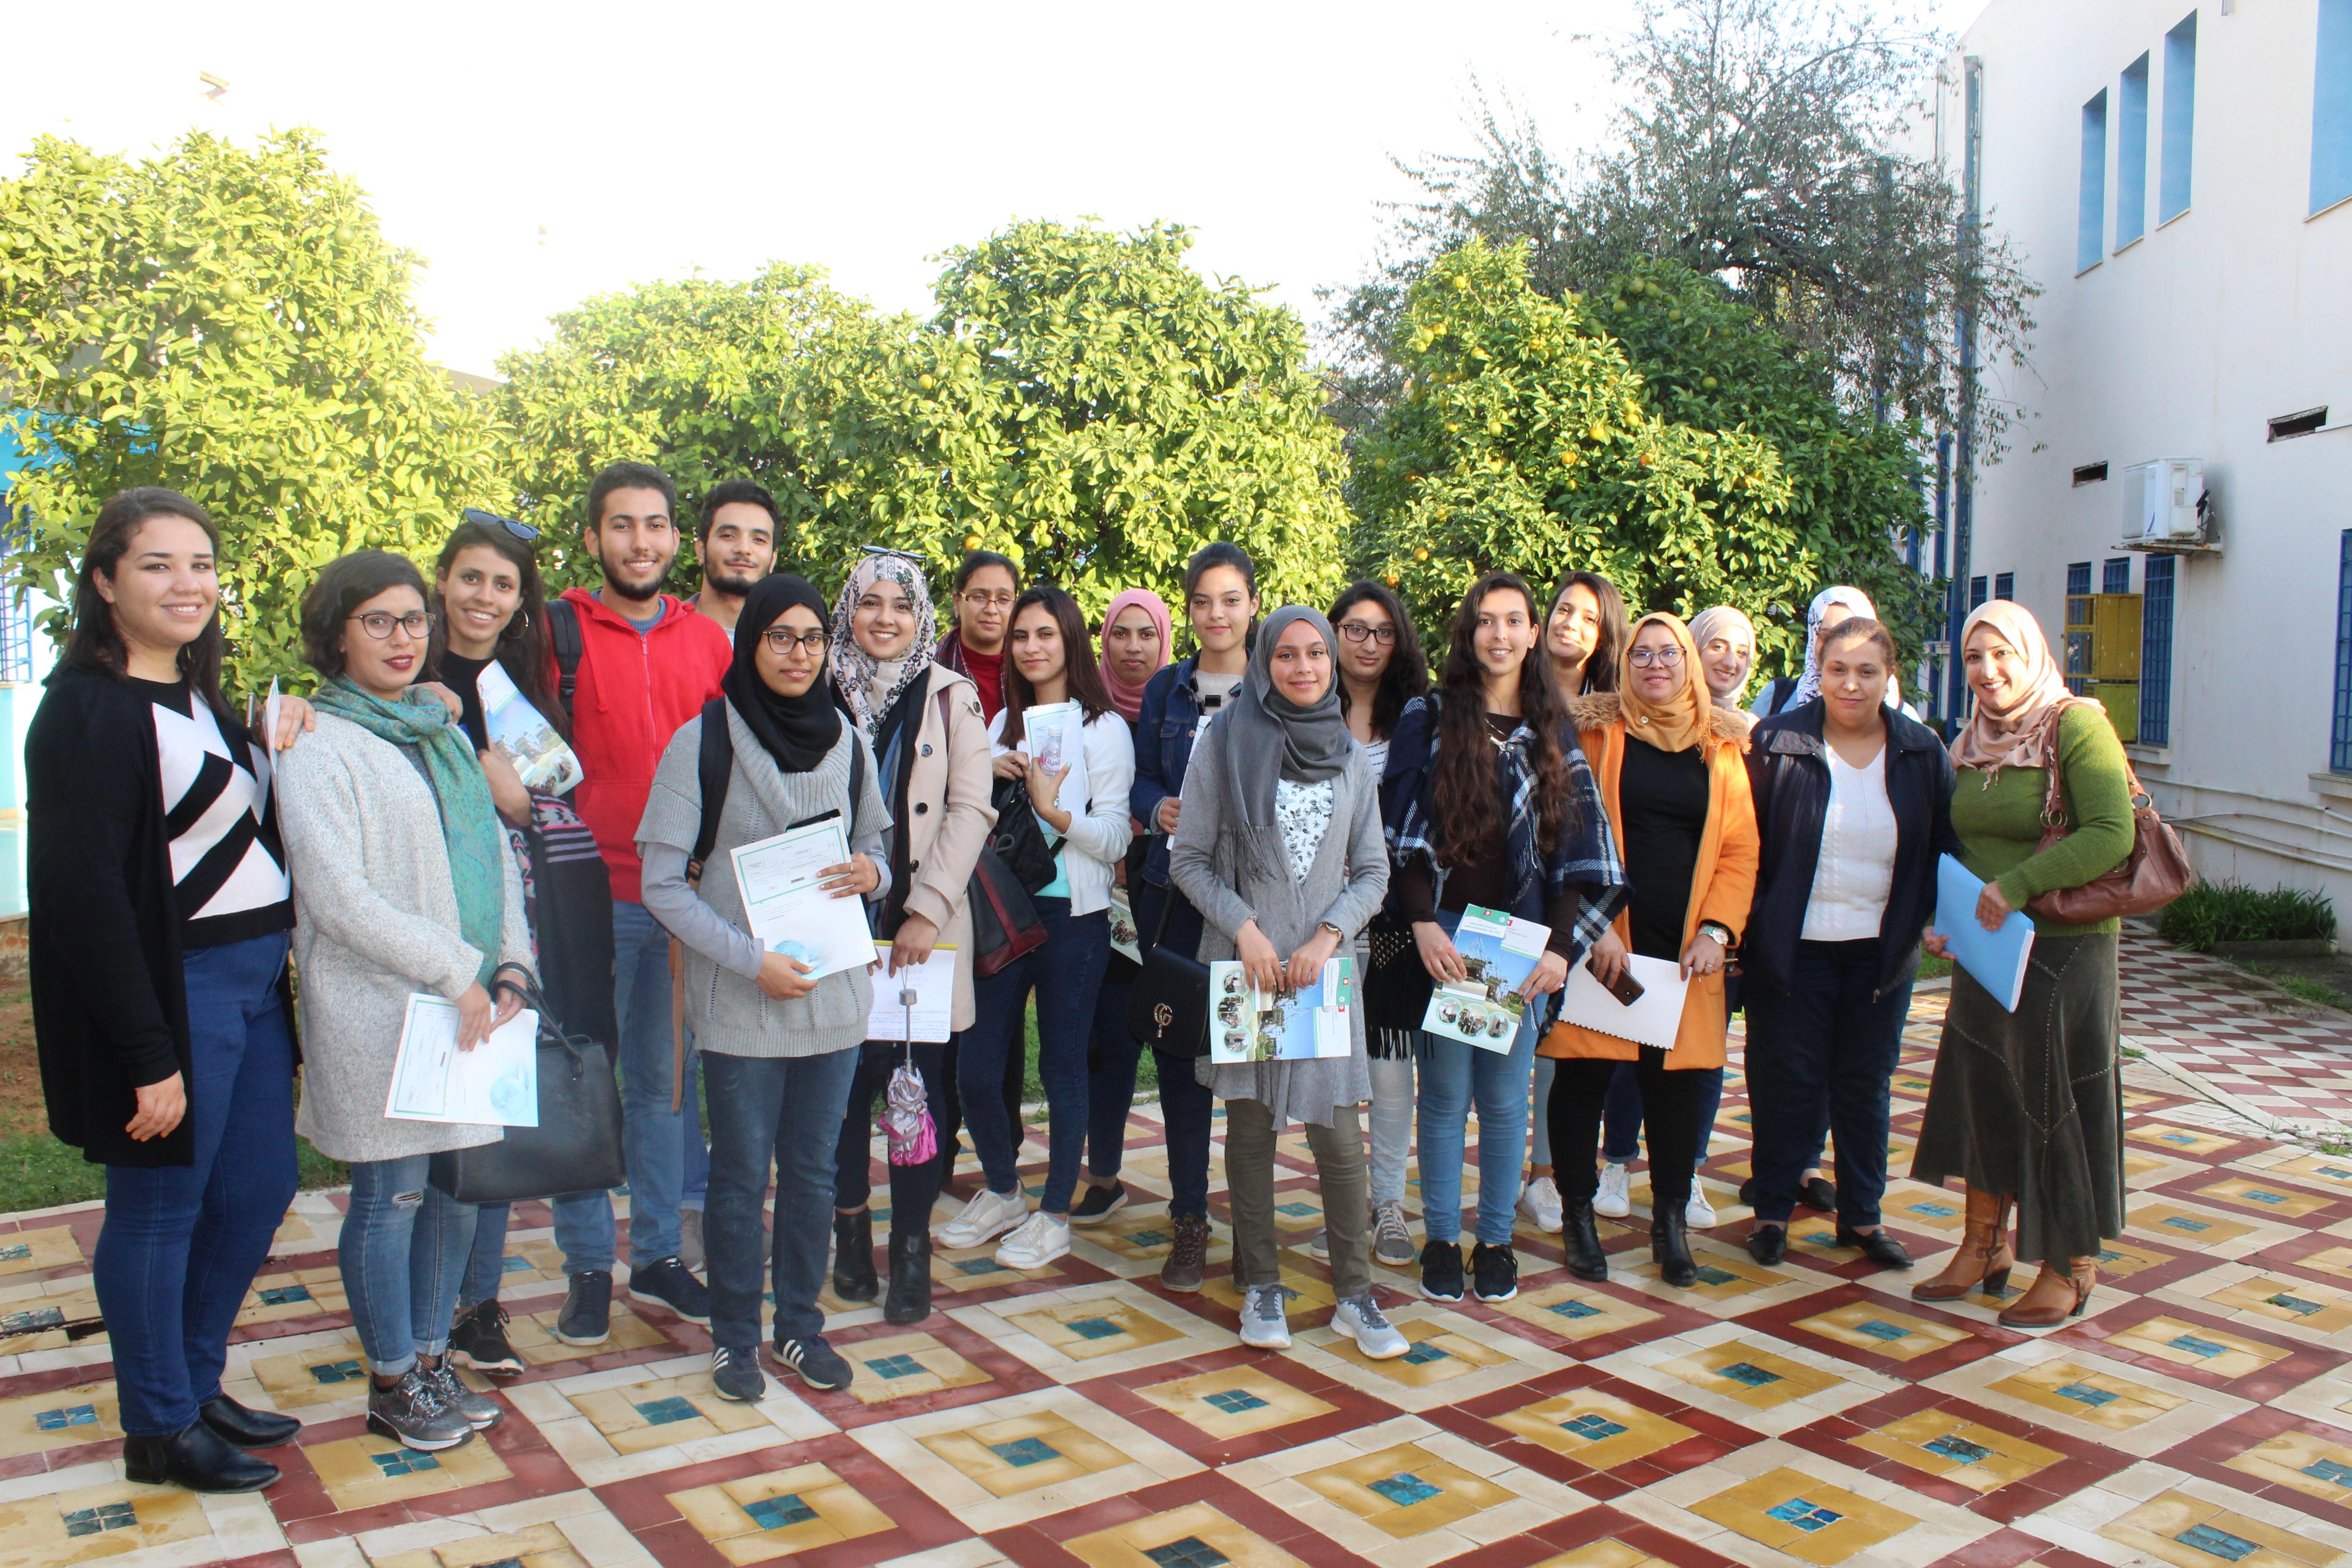 Visite d'un groupe d'étudiants de l'Institut Supérieur des Sciences Biologiques Appliqués de Tunis |